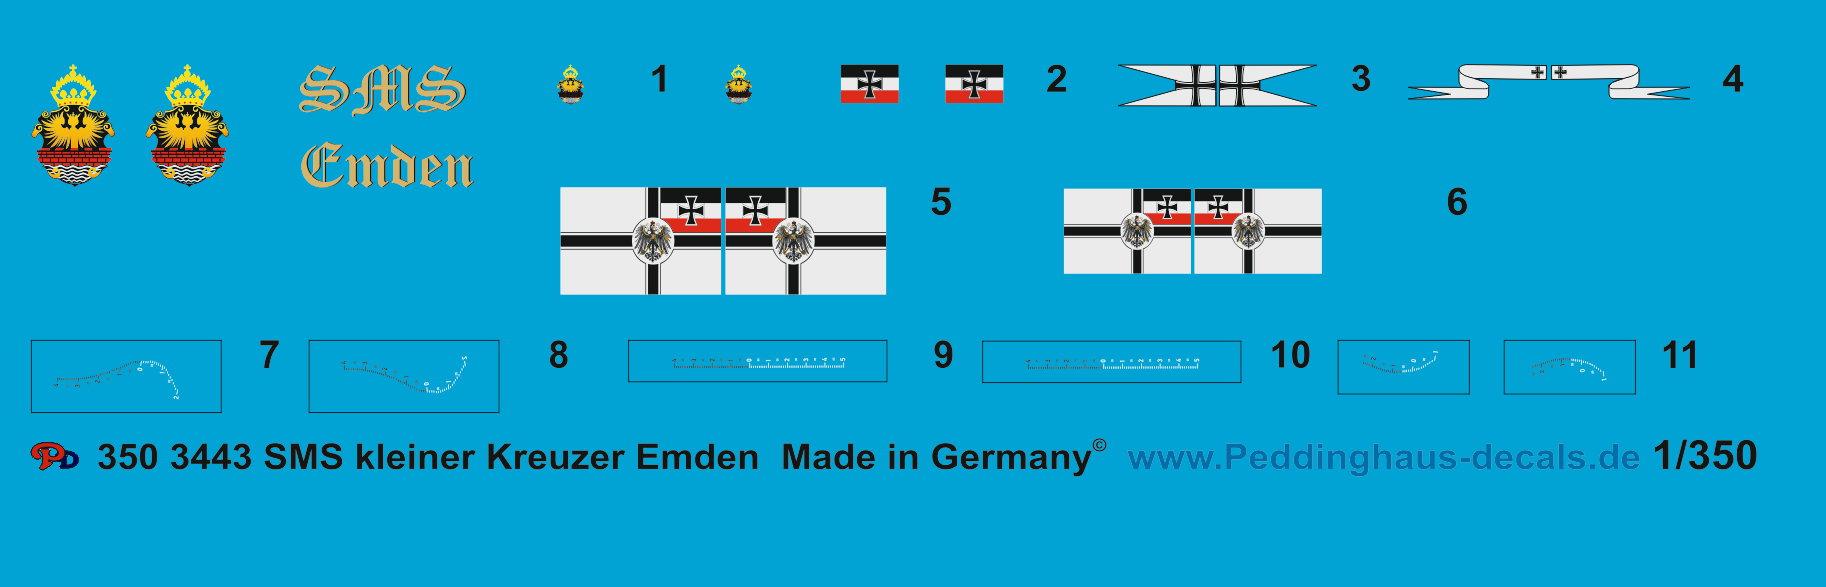 Peddinghaus 1//350 3443 SMS kleiner Kreuzer Emden